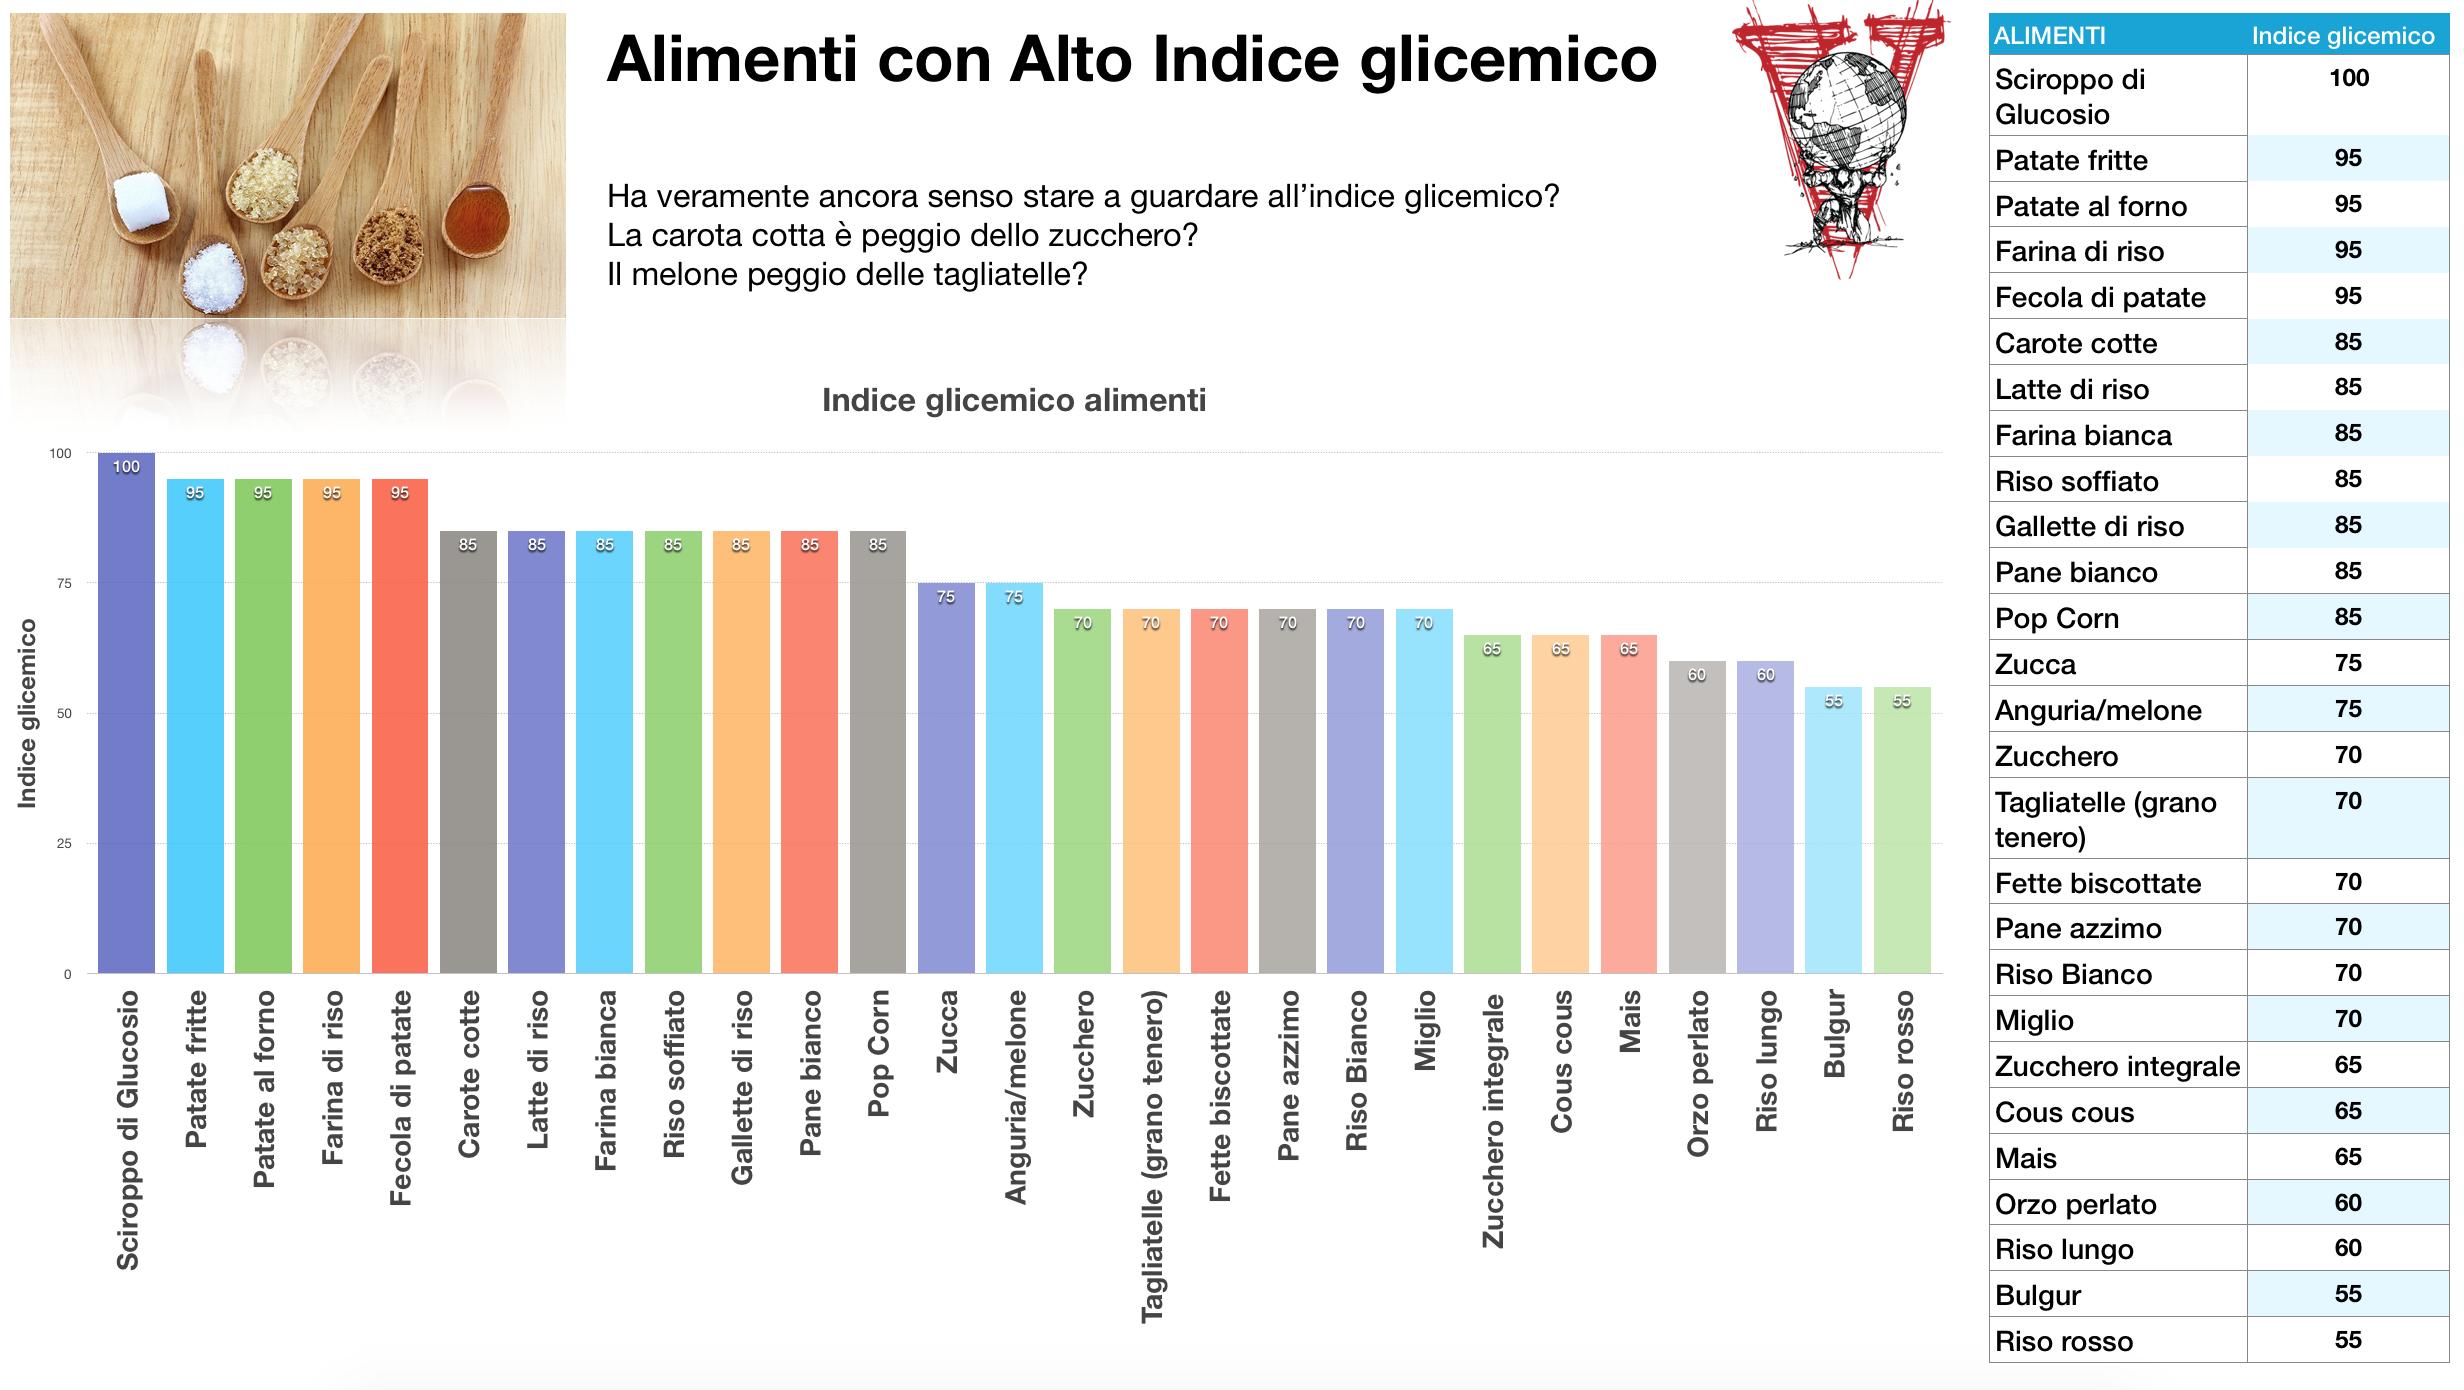 Alimenti ad alto indice glicemico